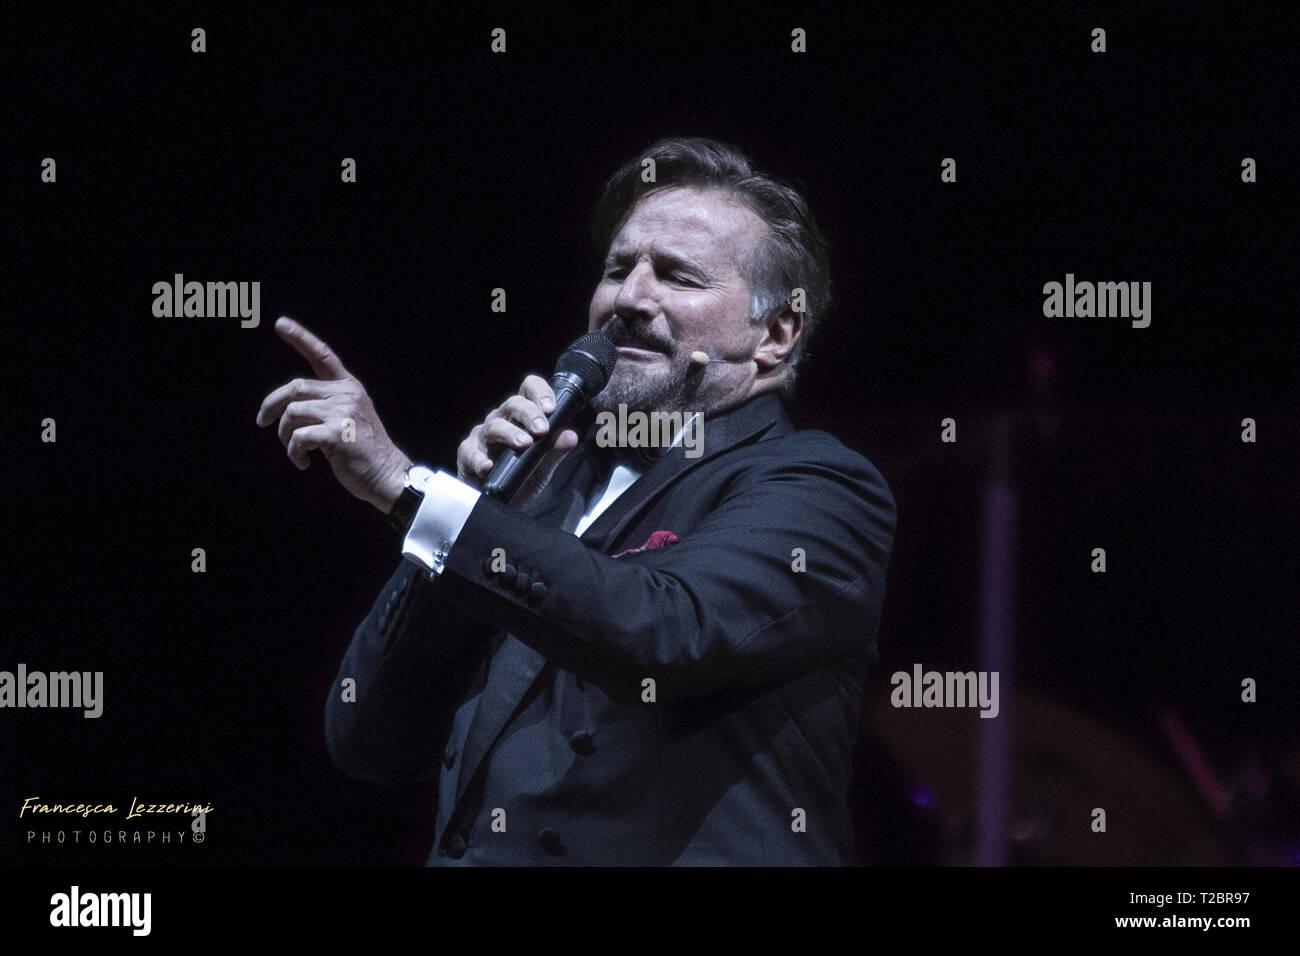 Rome, 31 march 2019, Auditorium, Parco della musica, Christian De Sica, Actor, Show Stock Photo